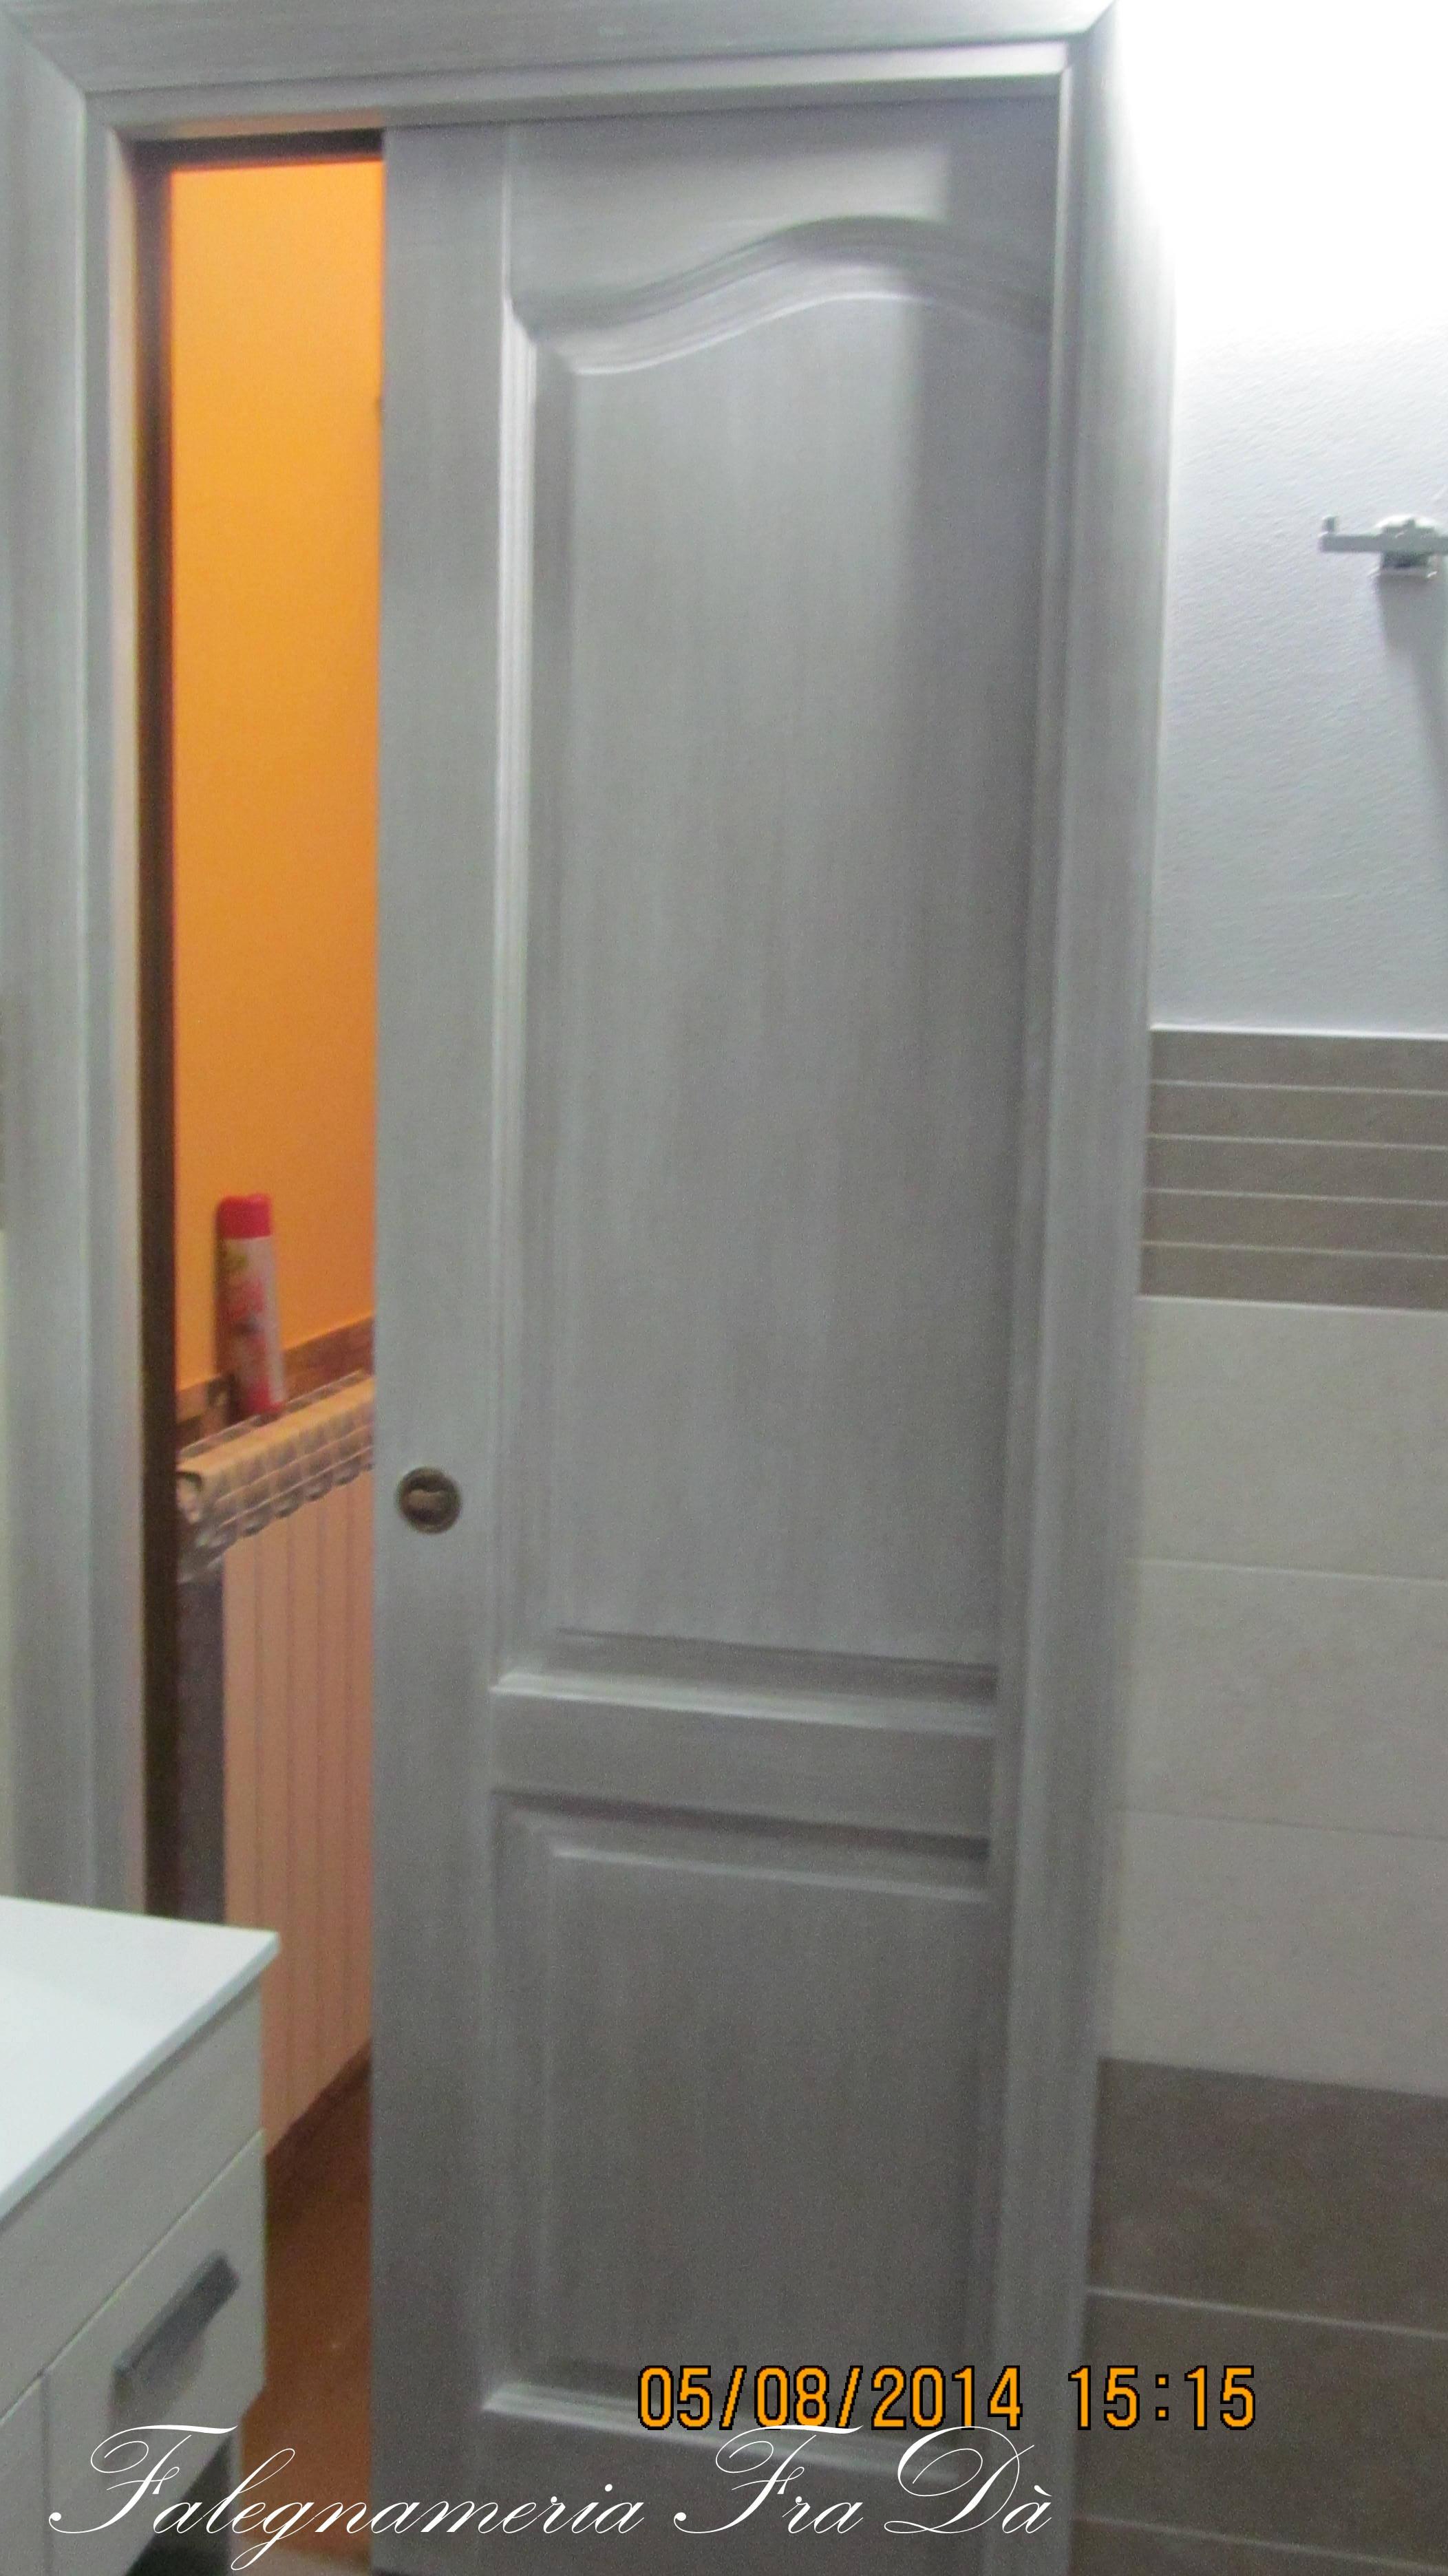 Porta in legno massello scorrevole falegnameria frad falegname a palermo - Porta in legno massello ...